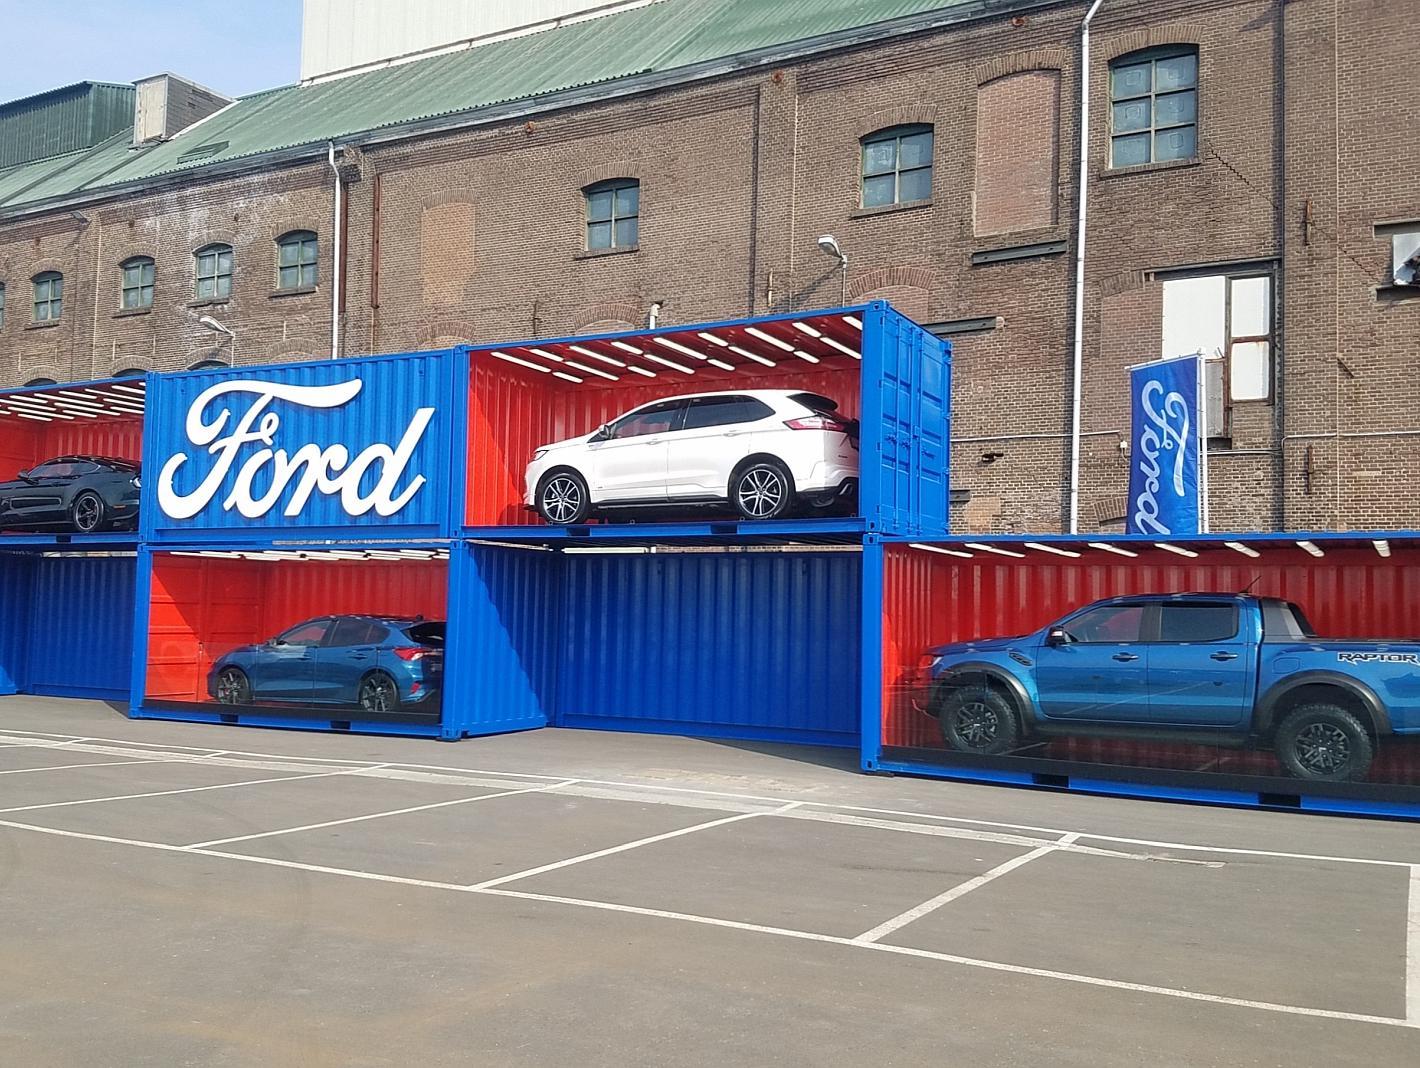 הקאמבק של פורד?